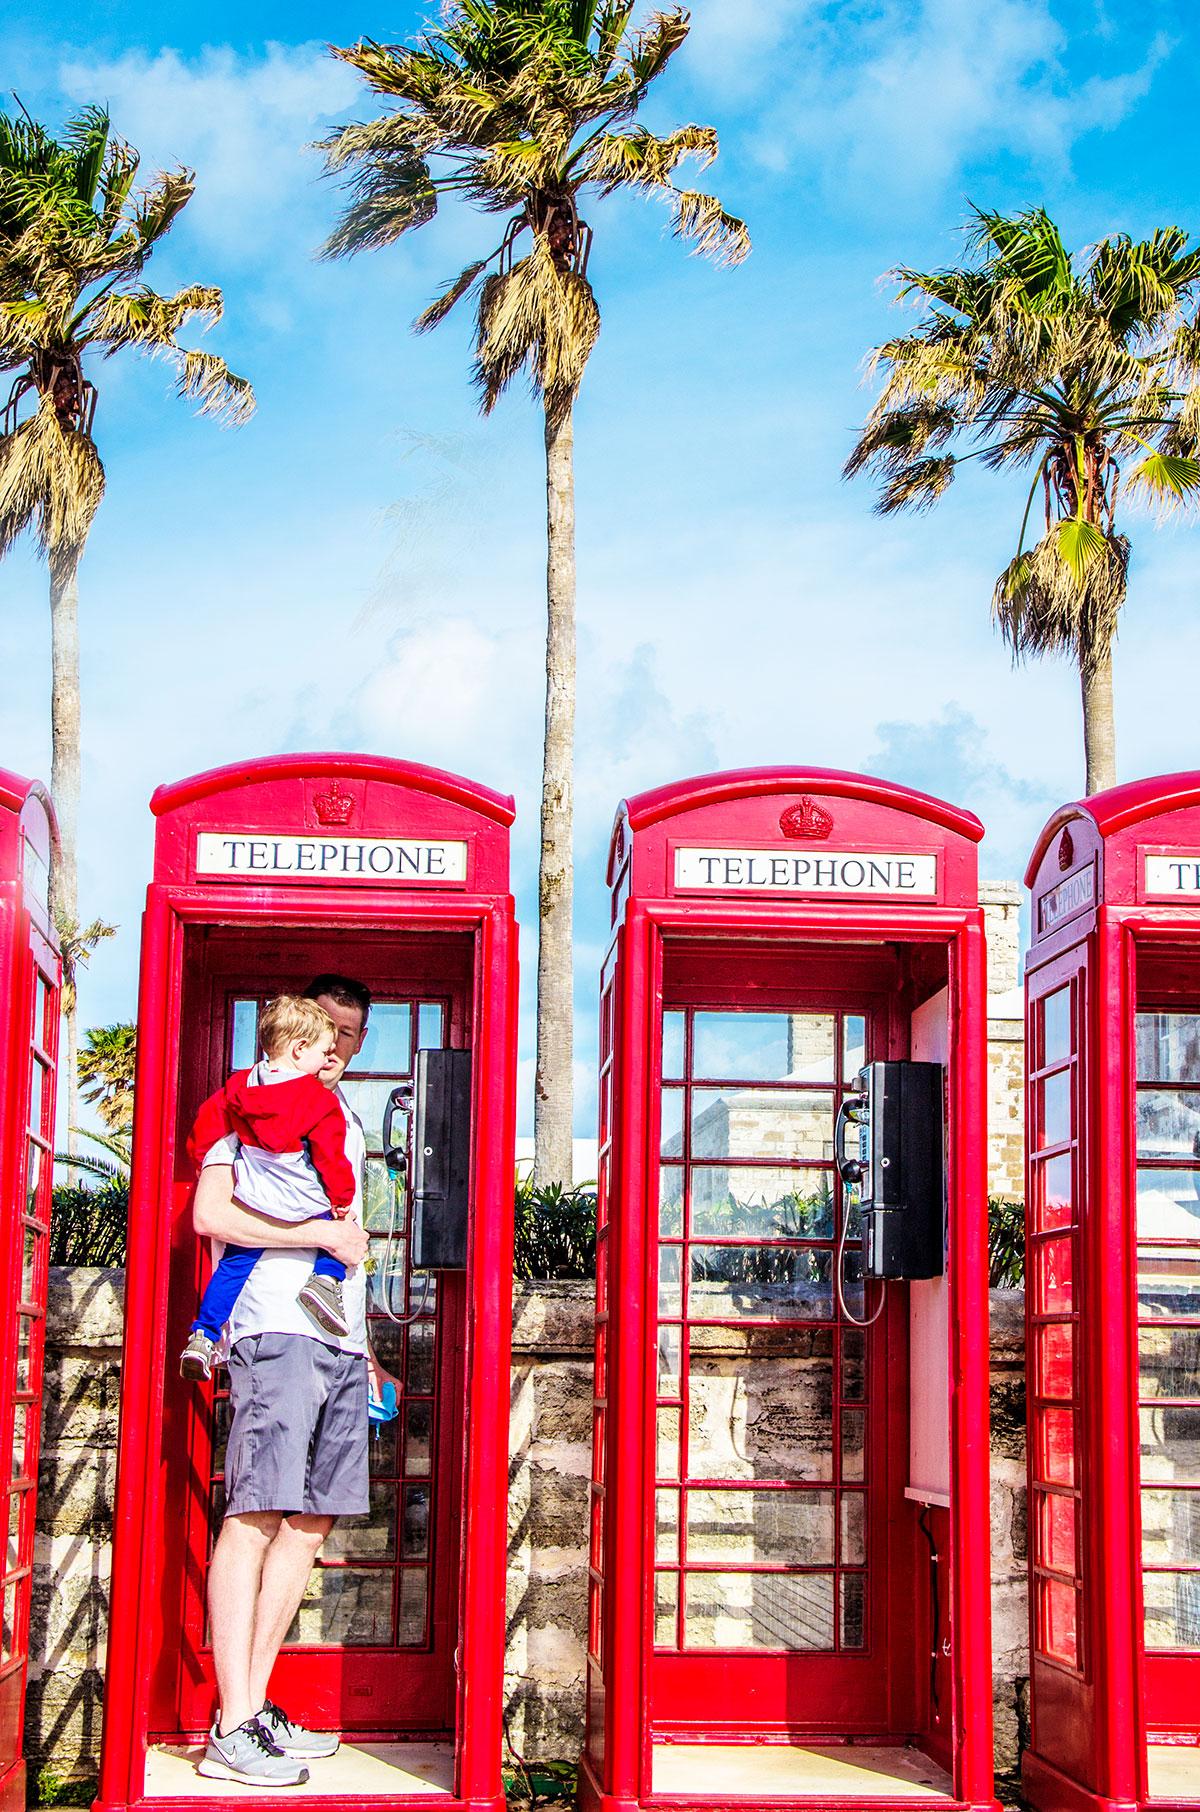 telephone-booths-in-bermuda